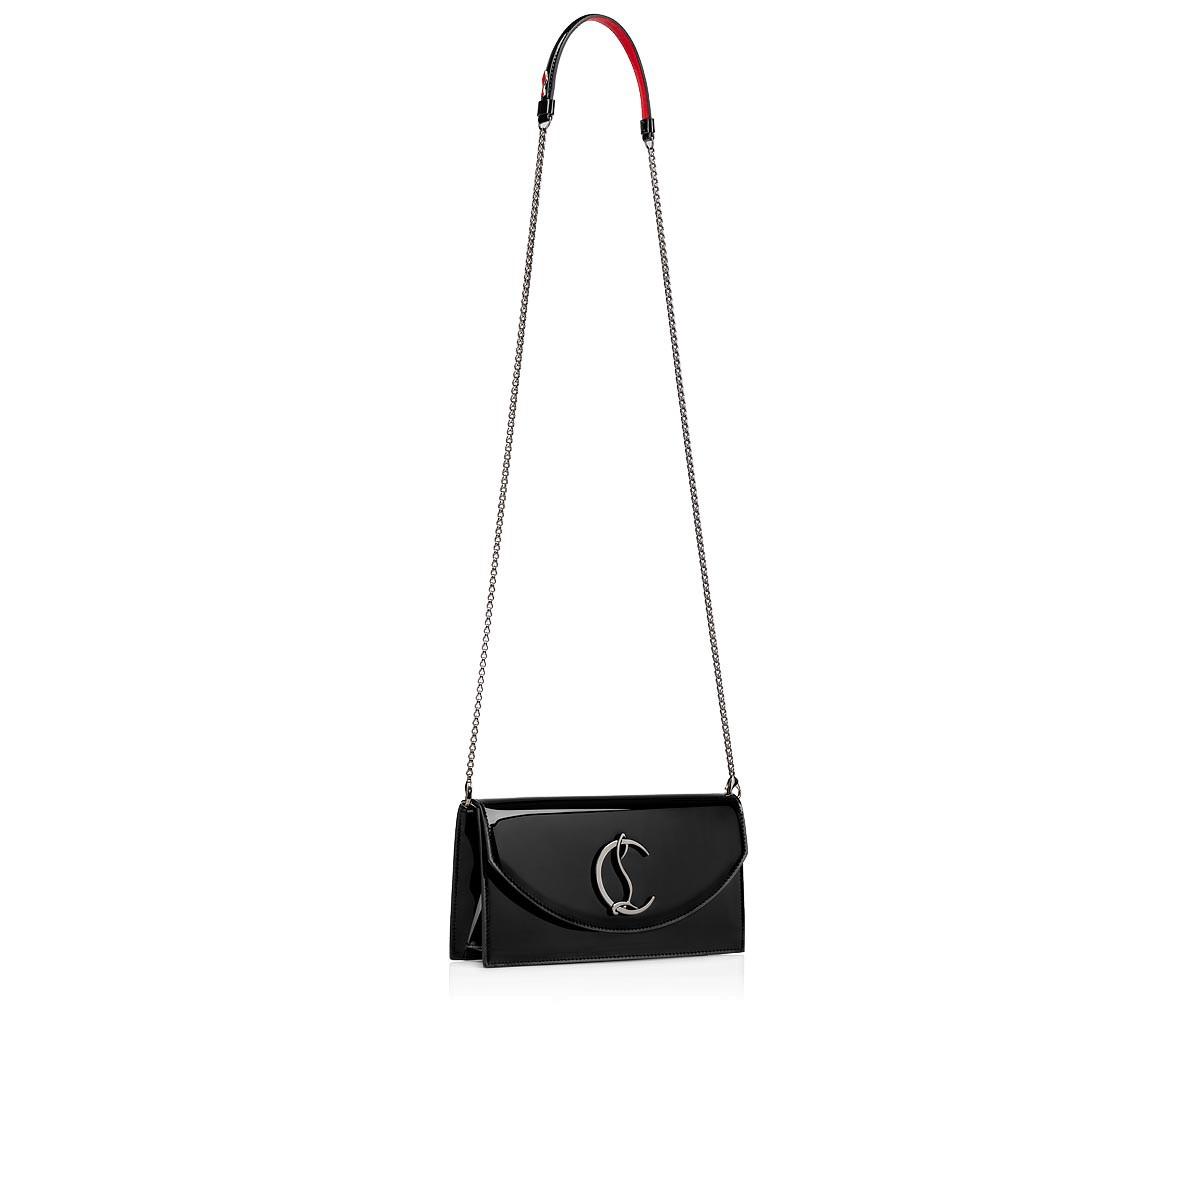 Bags - Loubi54 - Christian Louboutin